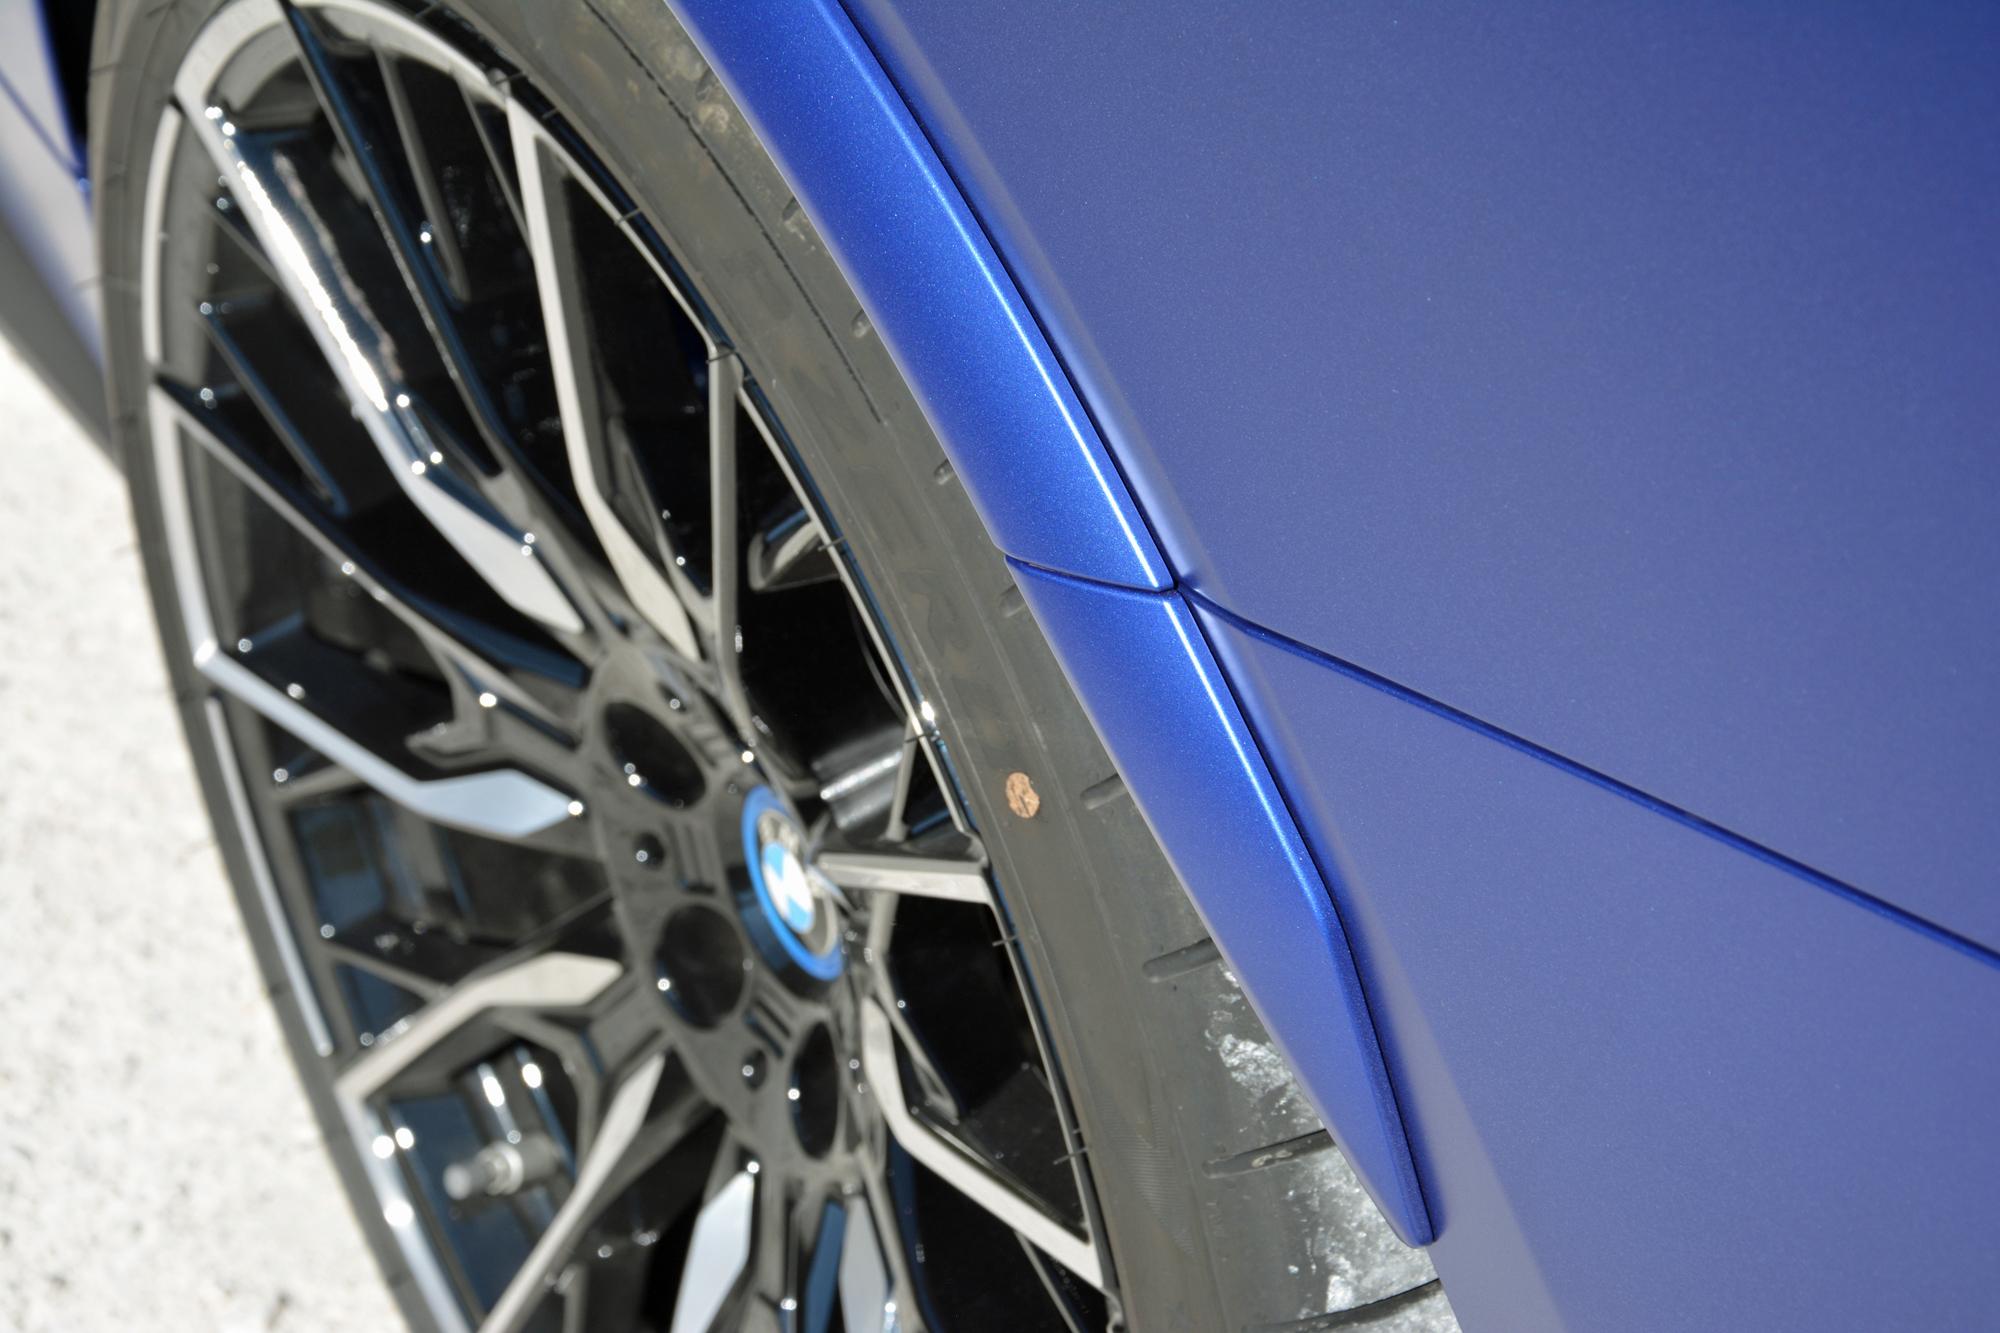 2022 BMW i4 M50 trim wheel tire